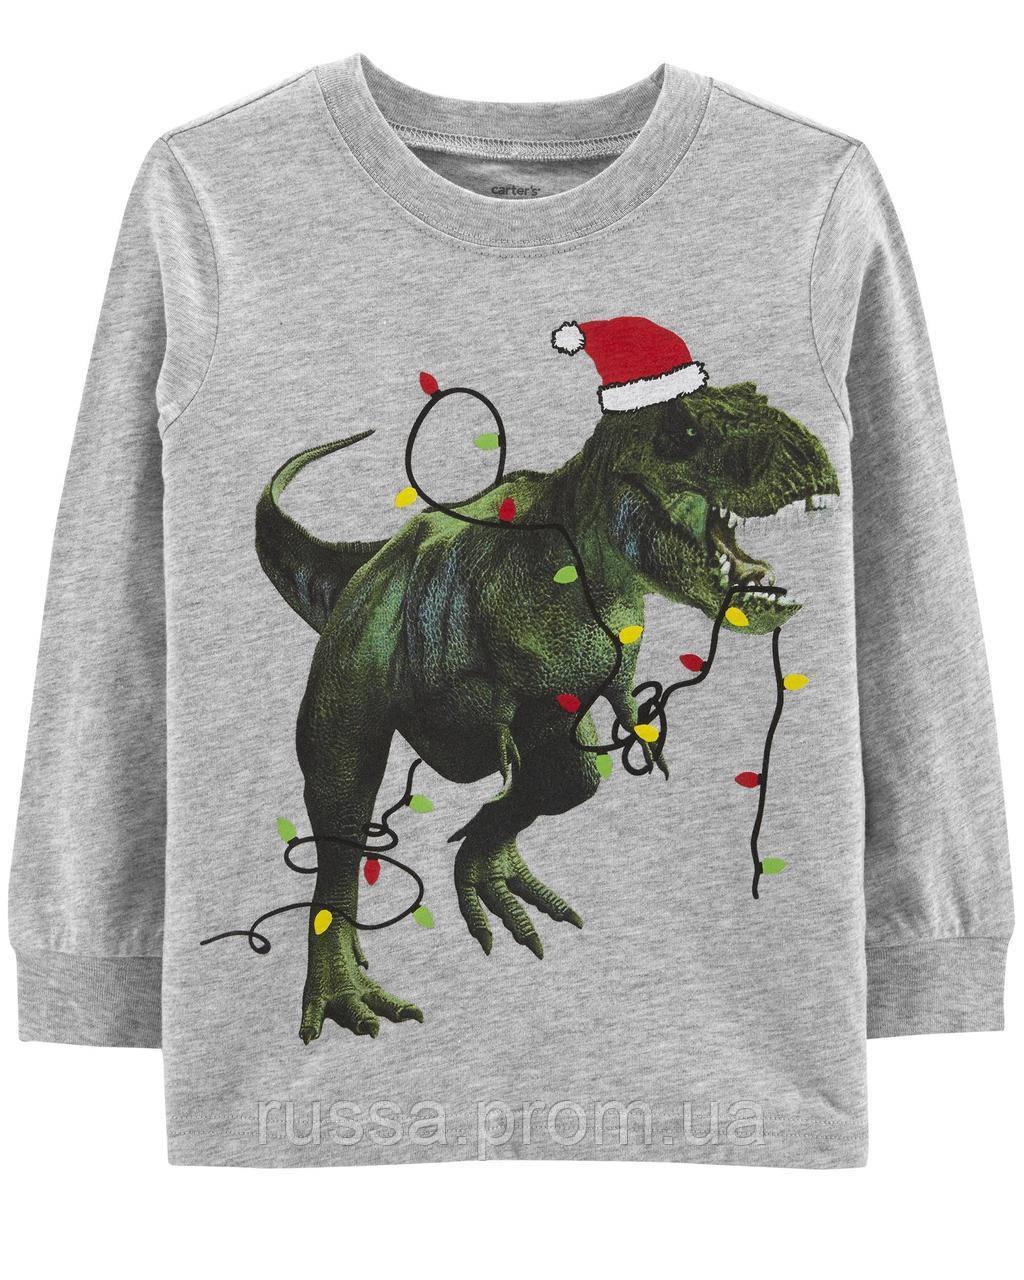 Новогодний лонгслив с динозавром Картерс Carters  для мальчика